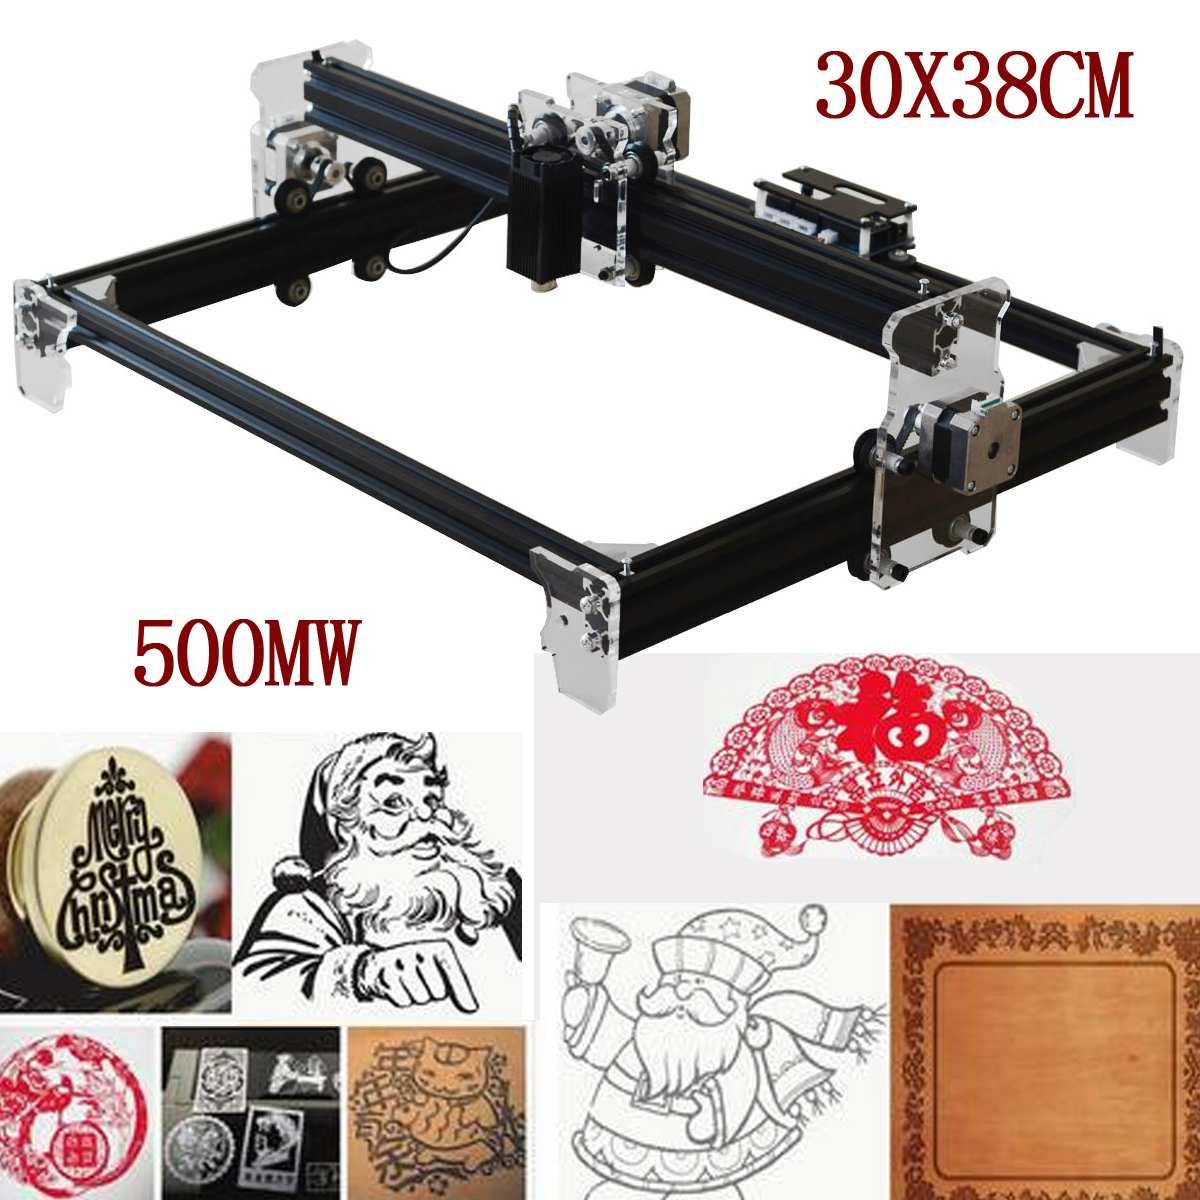 500 MW/2500 MW/5500 MW A3 30X38 CM DIY Mini Gravador Do Laser CNC DIY Logo marca Da Impressora Cortador de Madeira Router Carving Máquina de Gravura